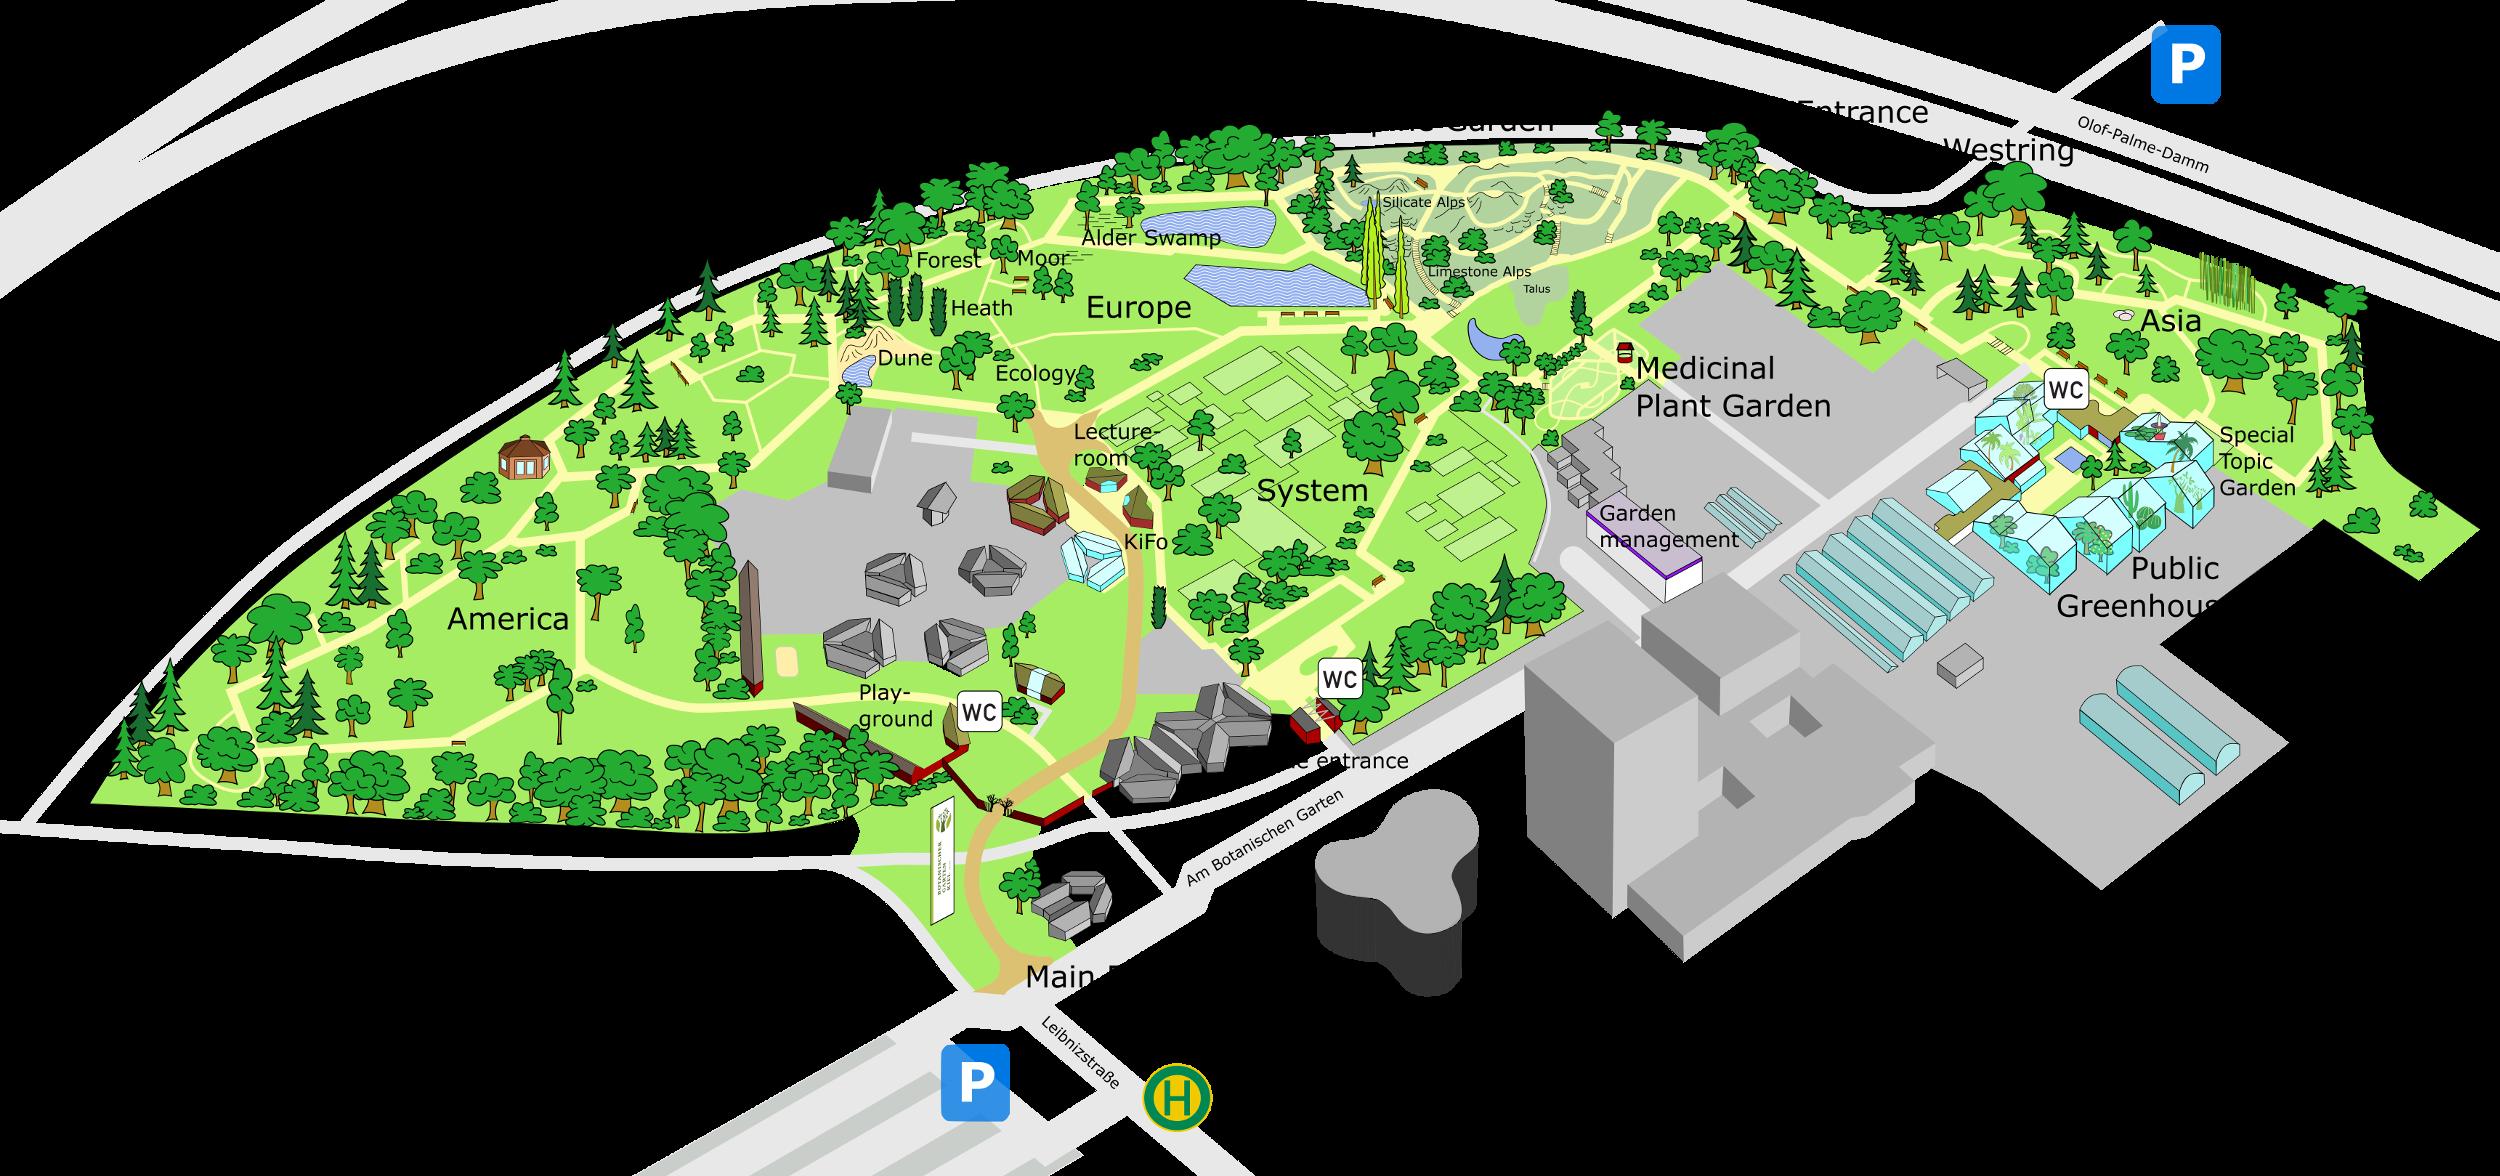 Gartenplan_EN_190118.png